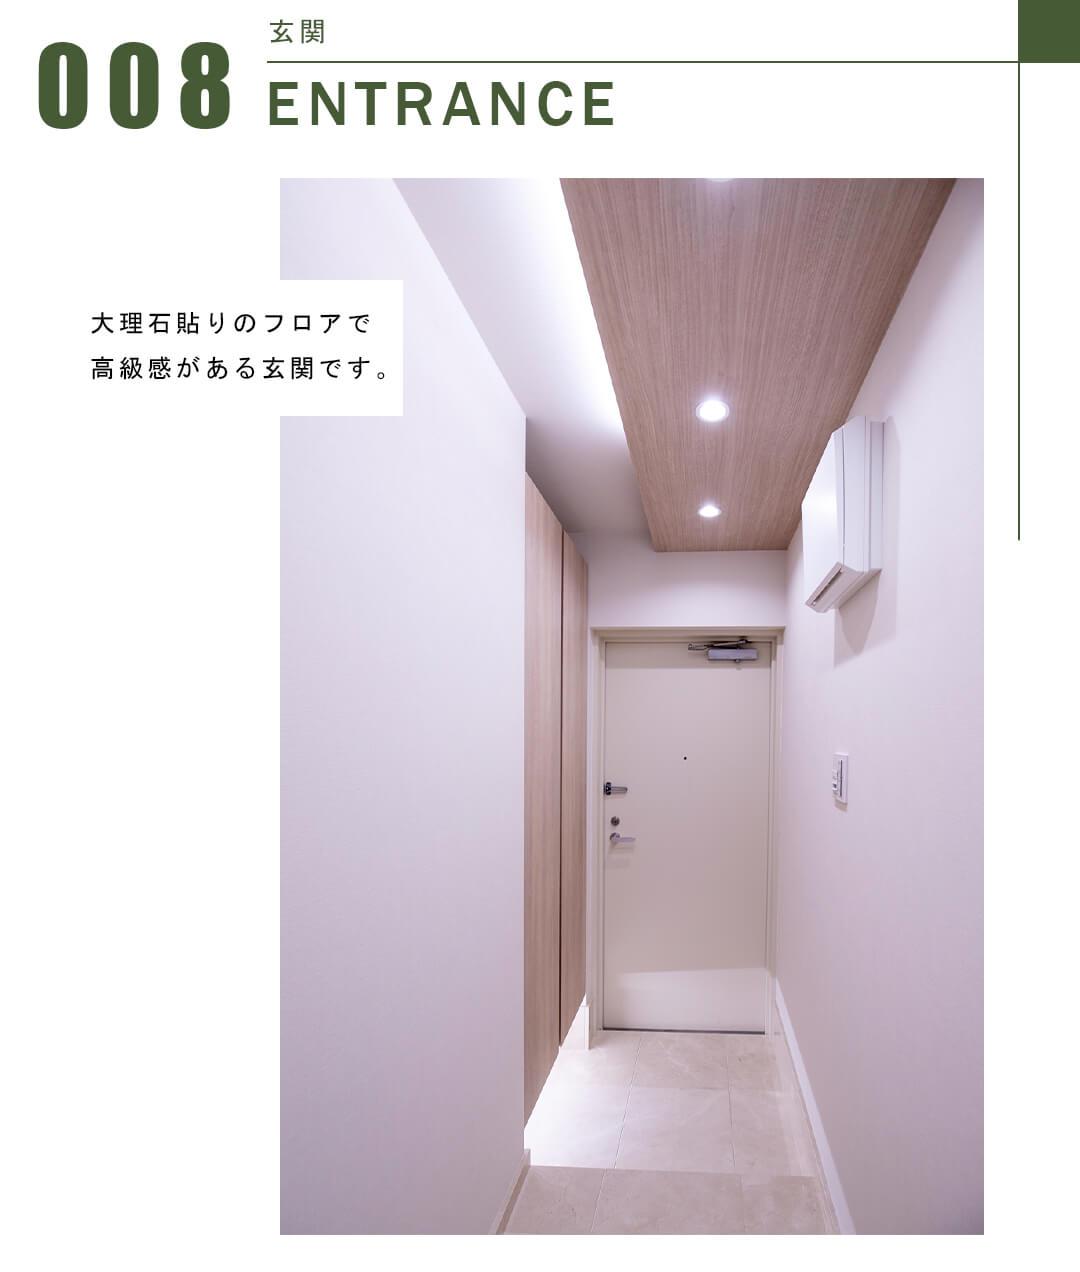 008玄関,ENRANCE